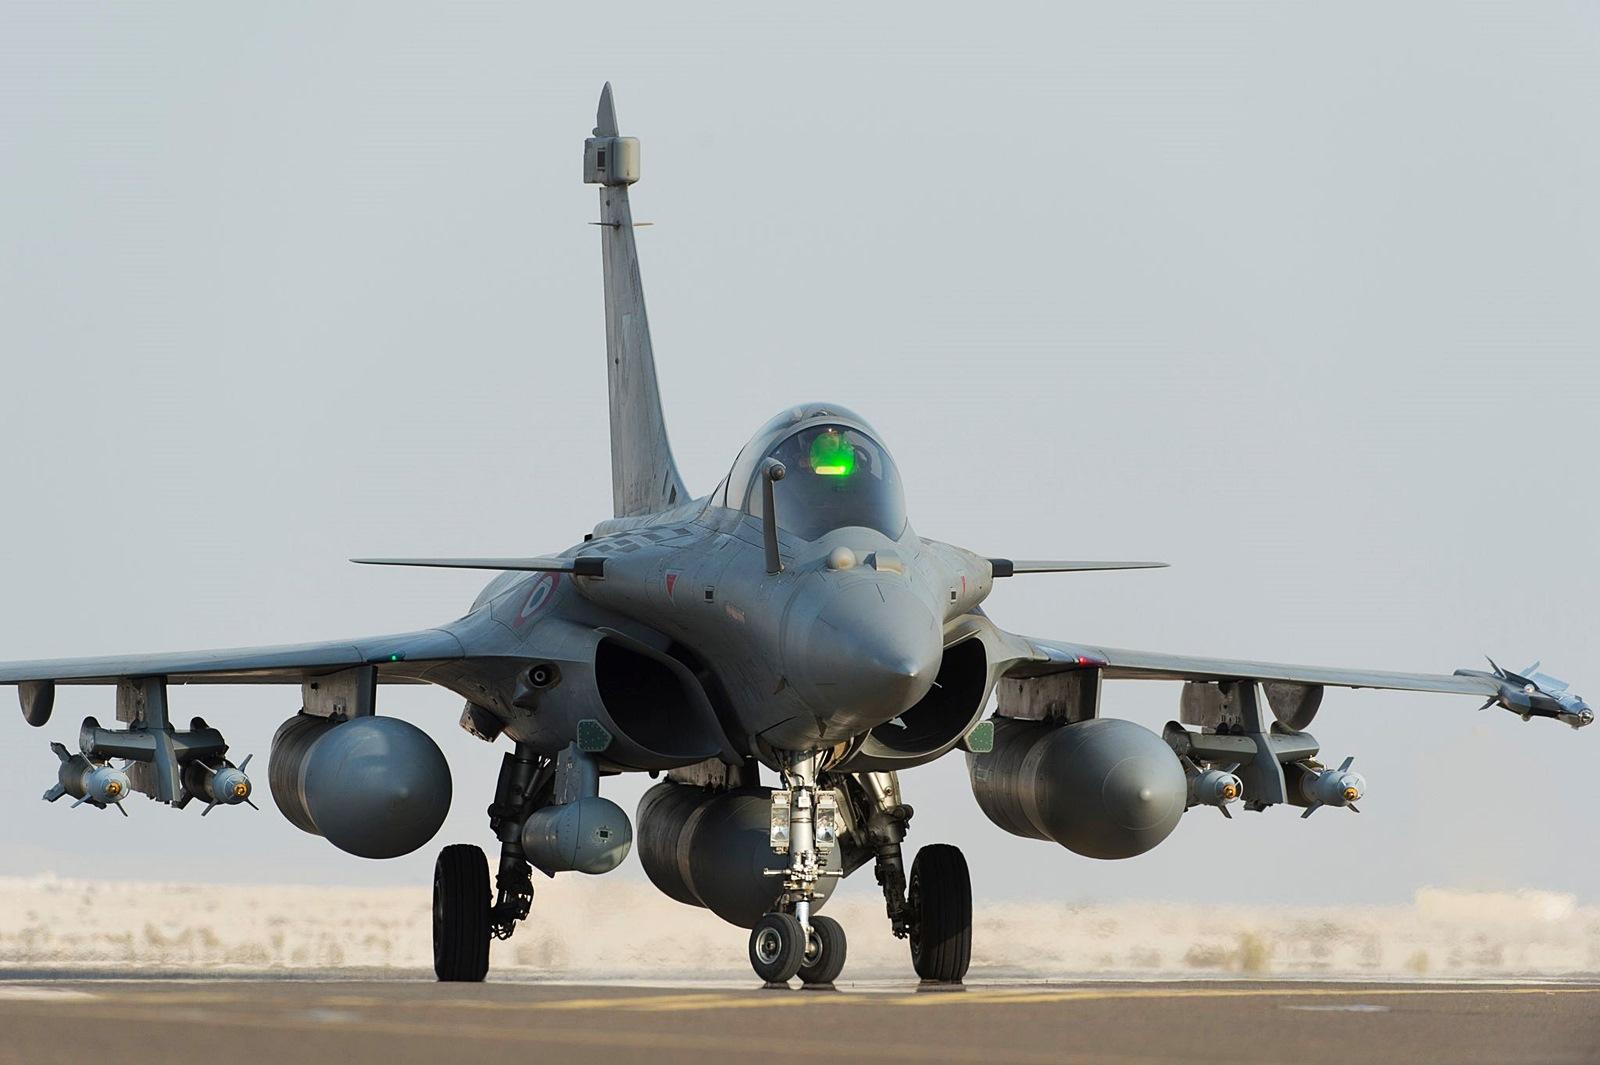 프랑스 이집트와 Rafale 판매 계약 체결